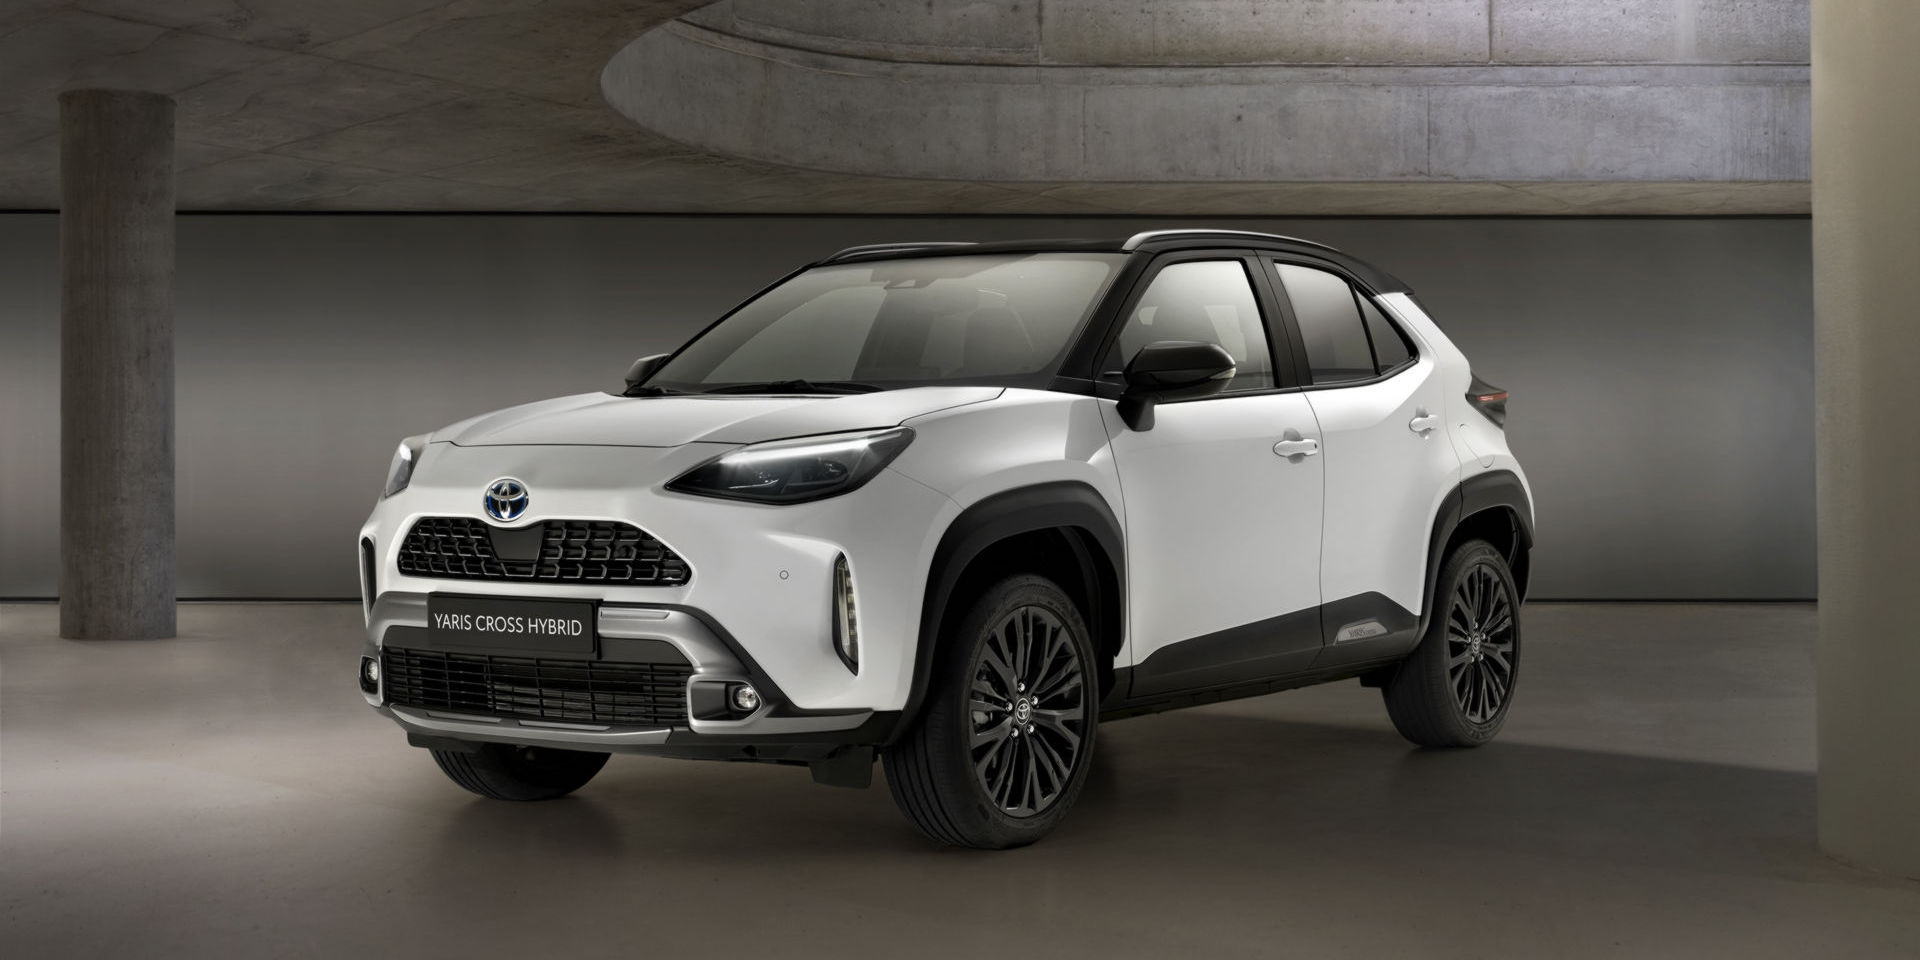 Lexus將開發全新小型SUV 將使用Yaris Cross作為基礎